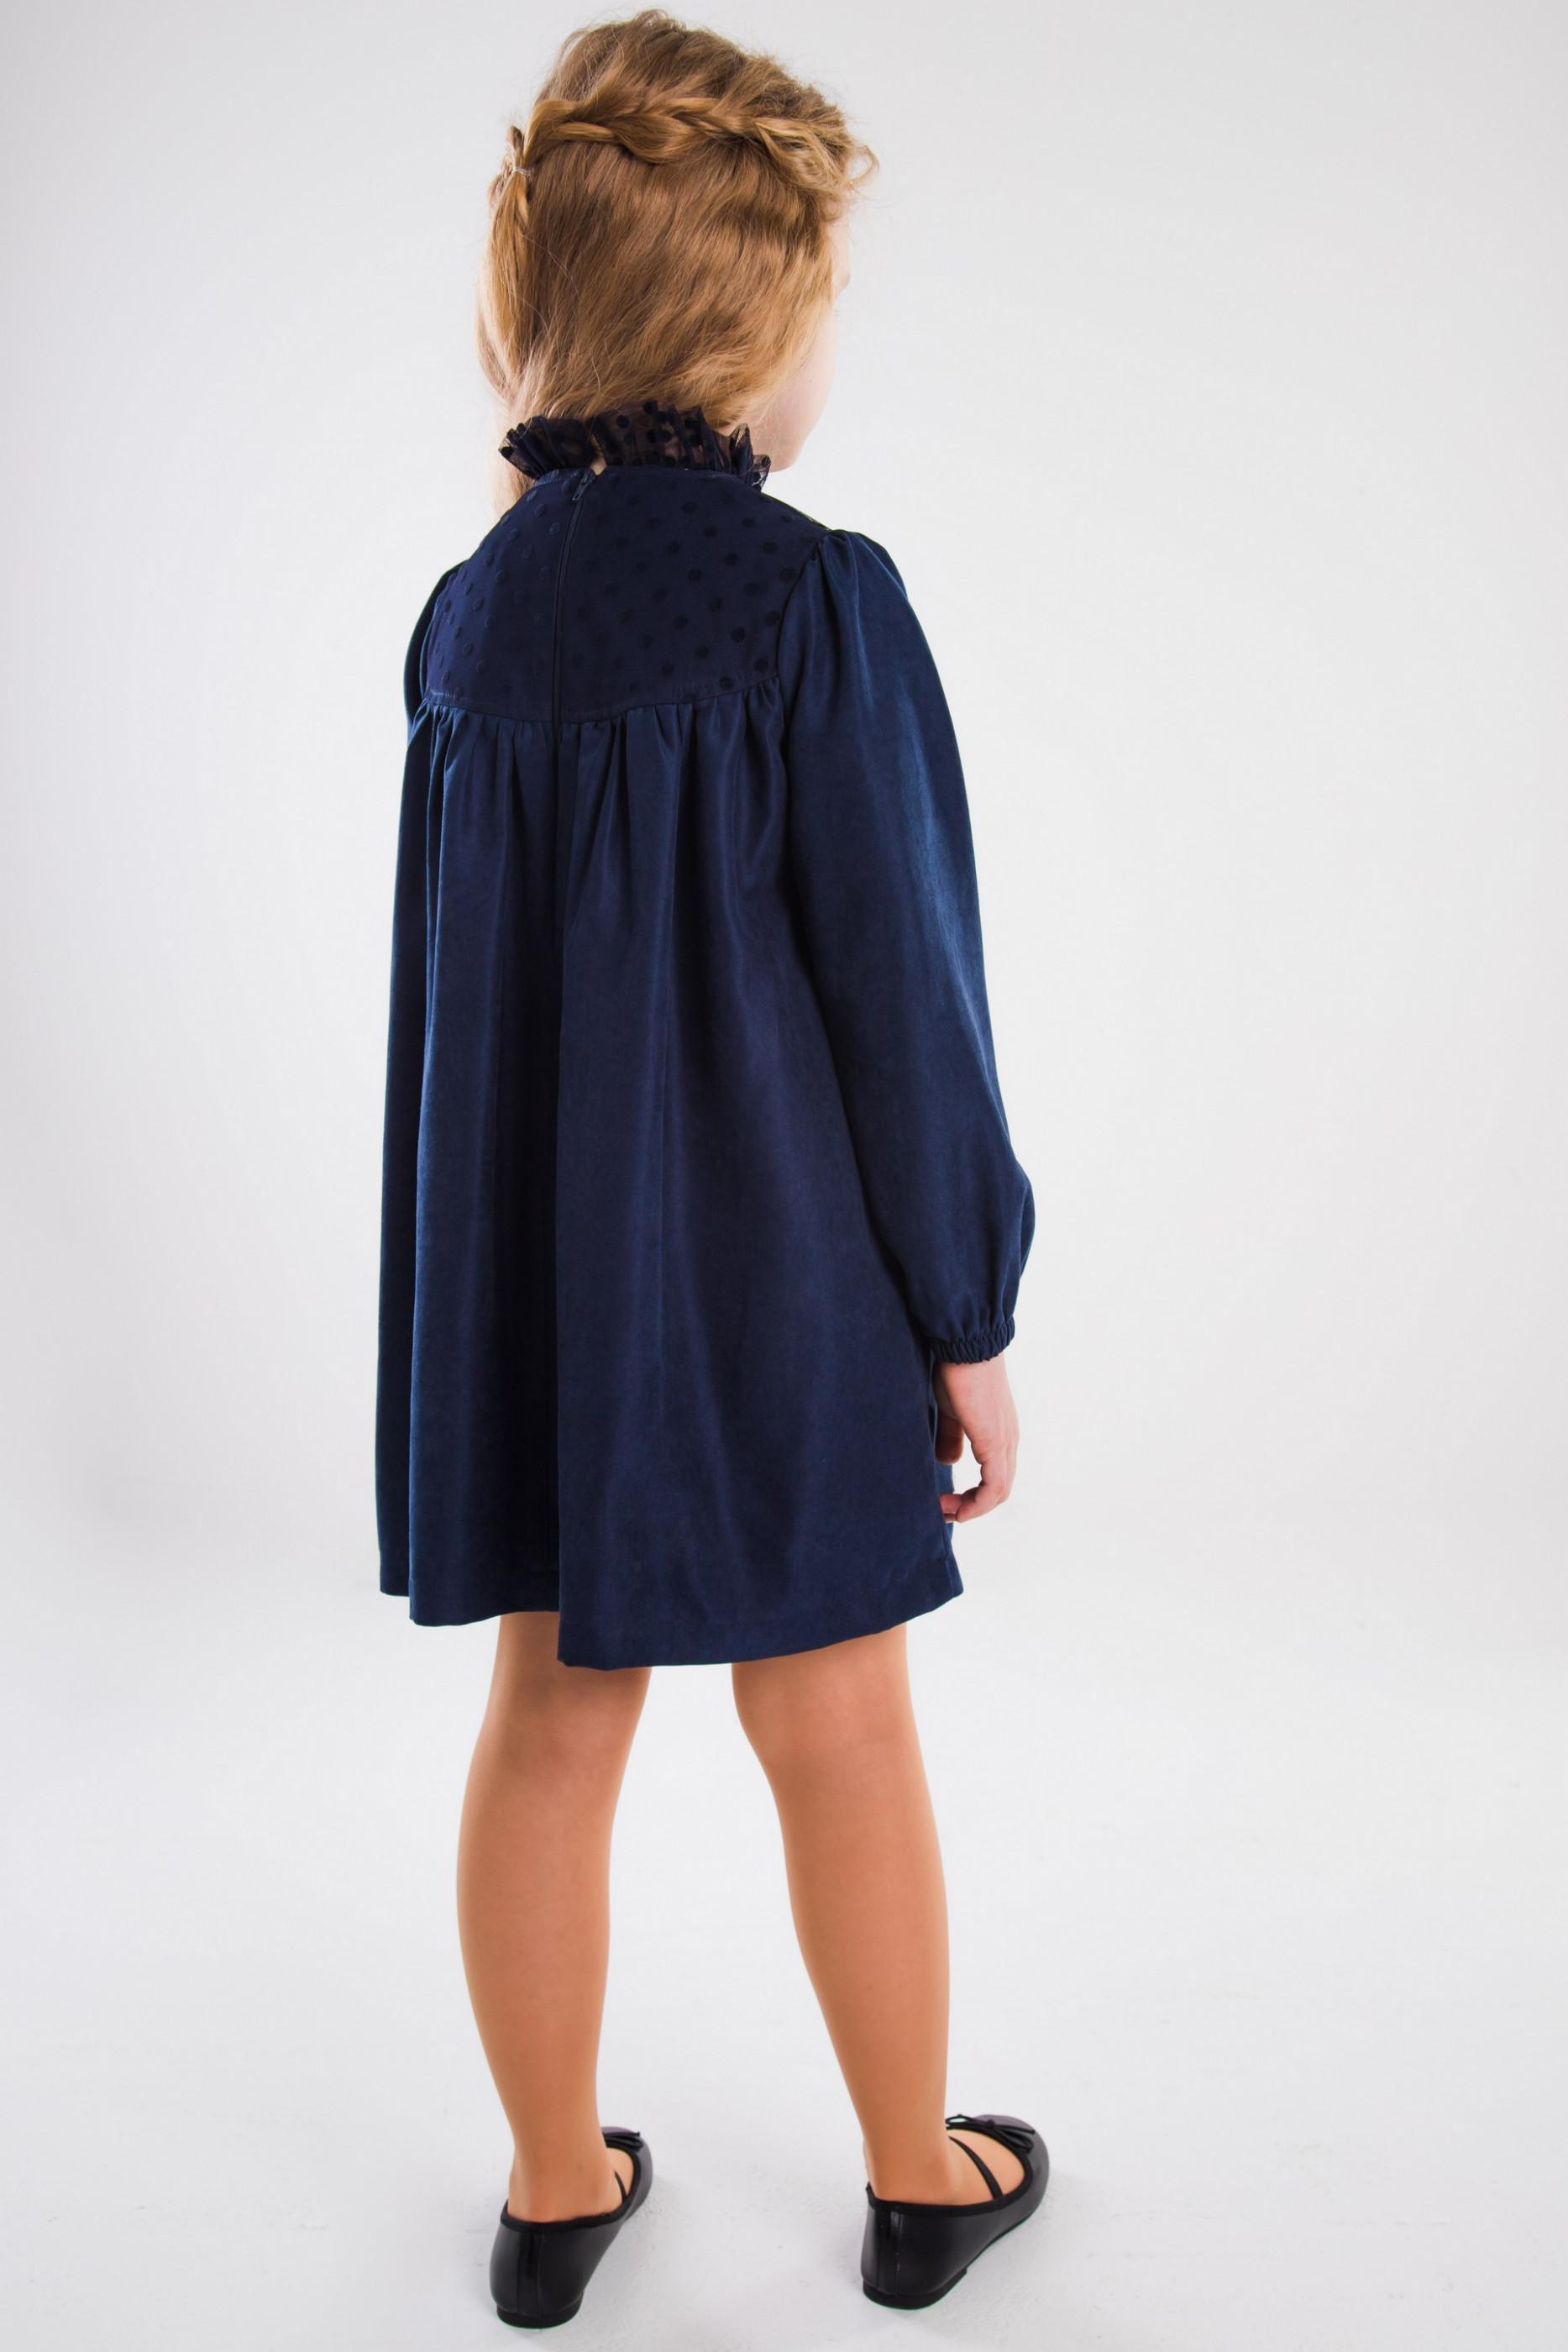 Плаття Анабелла, фото №2